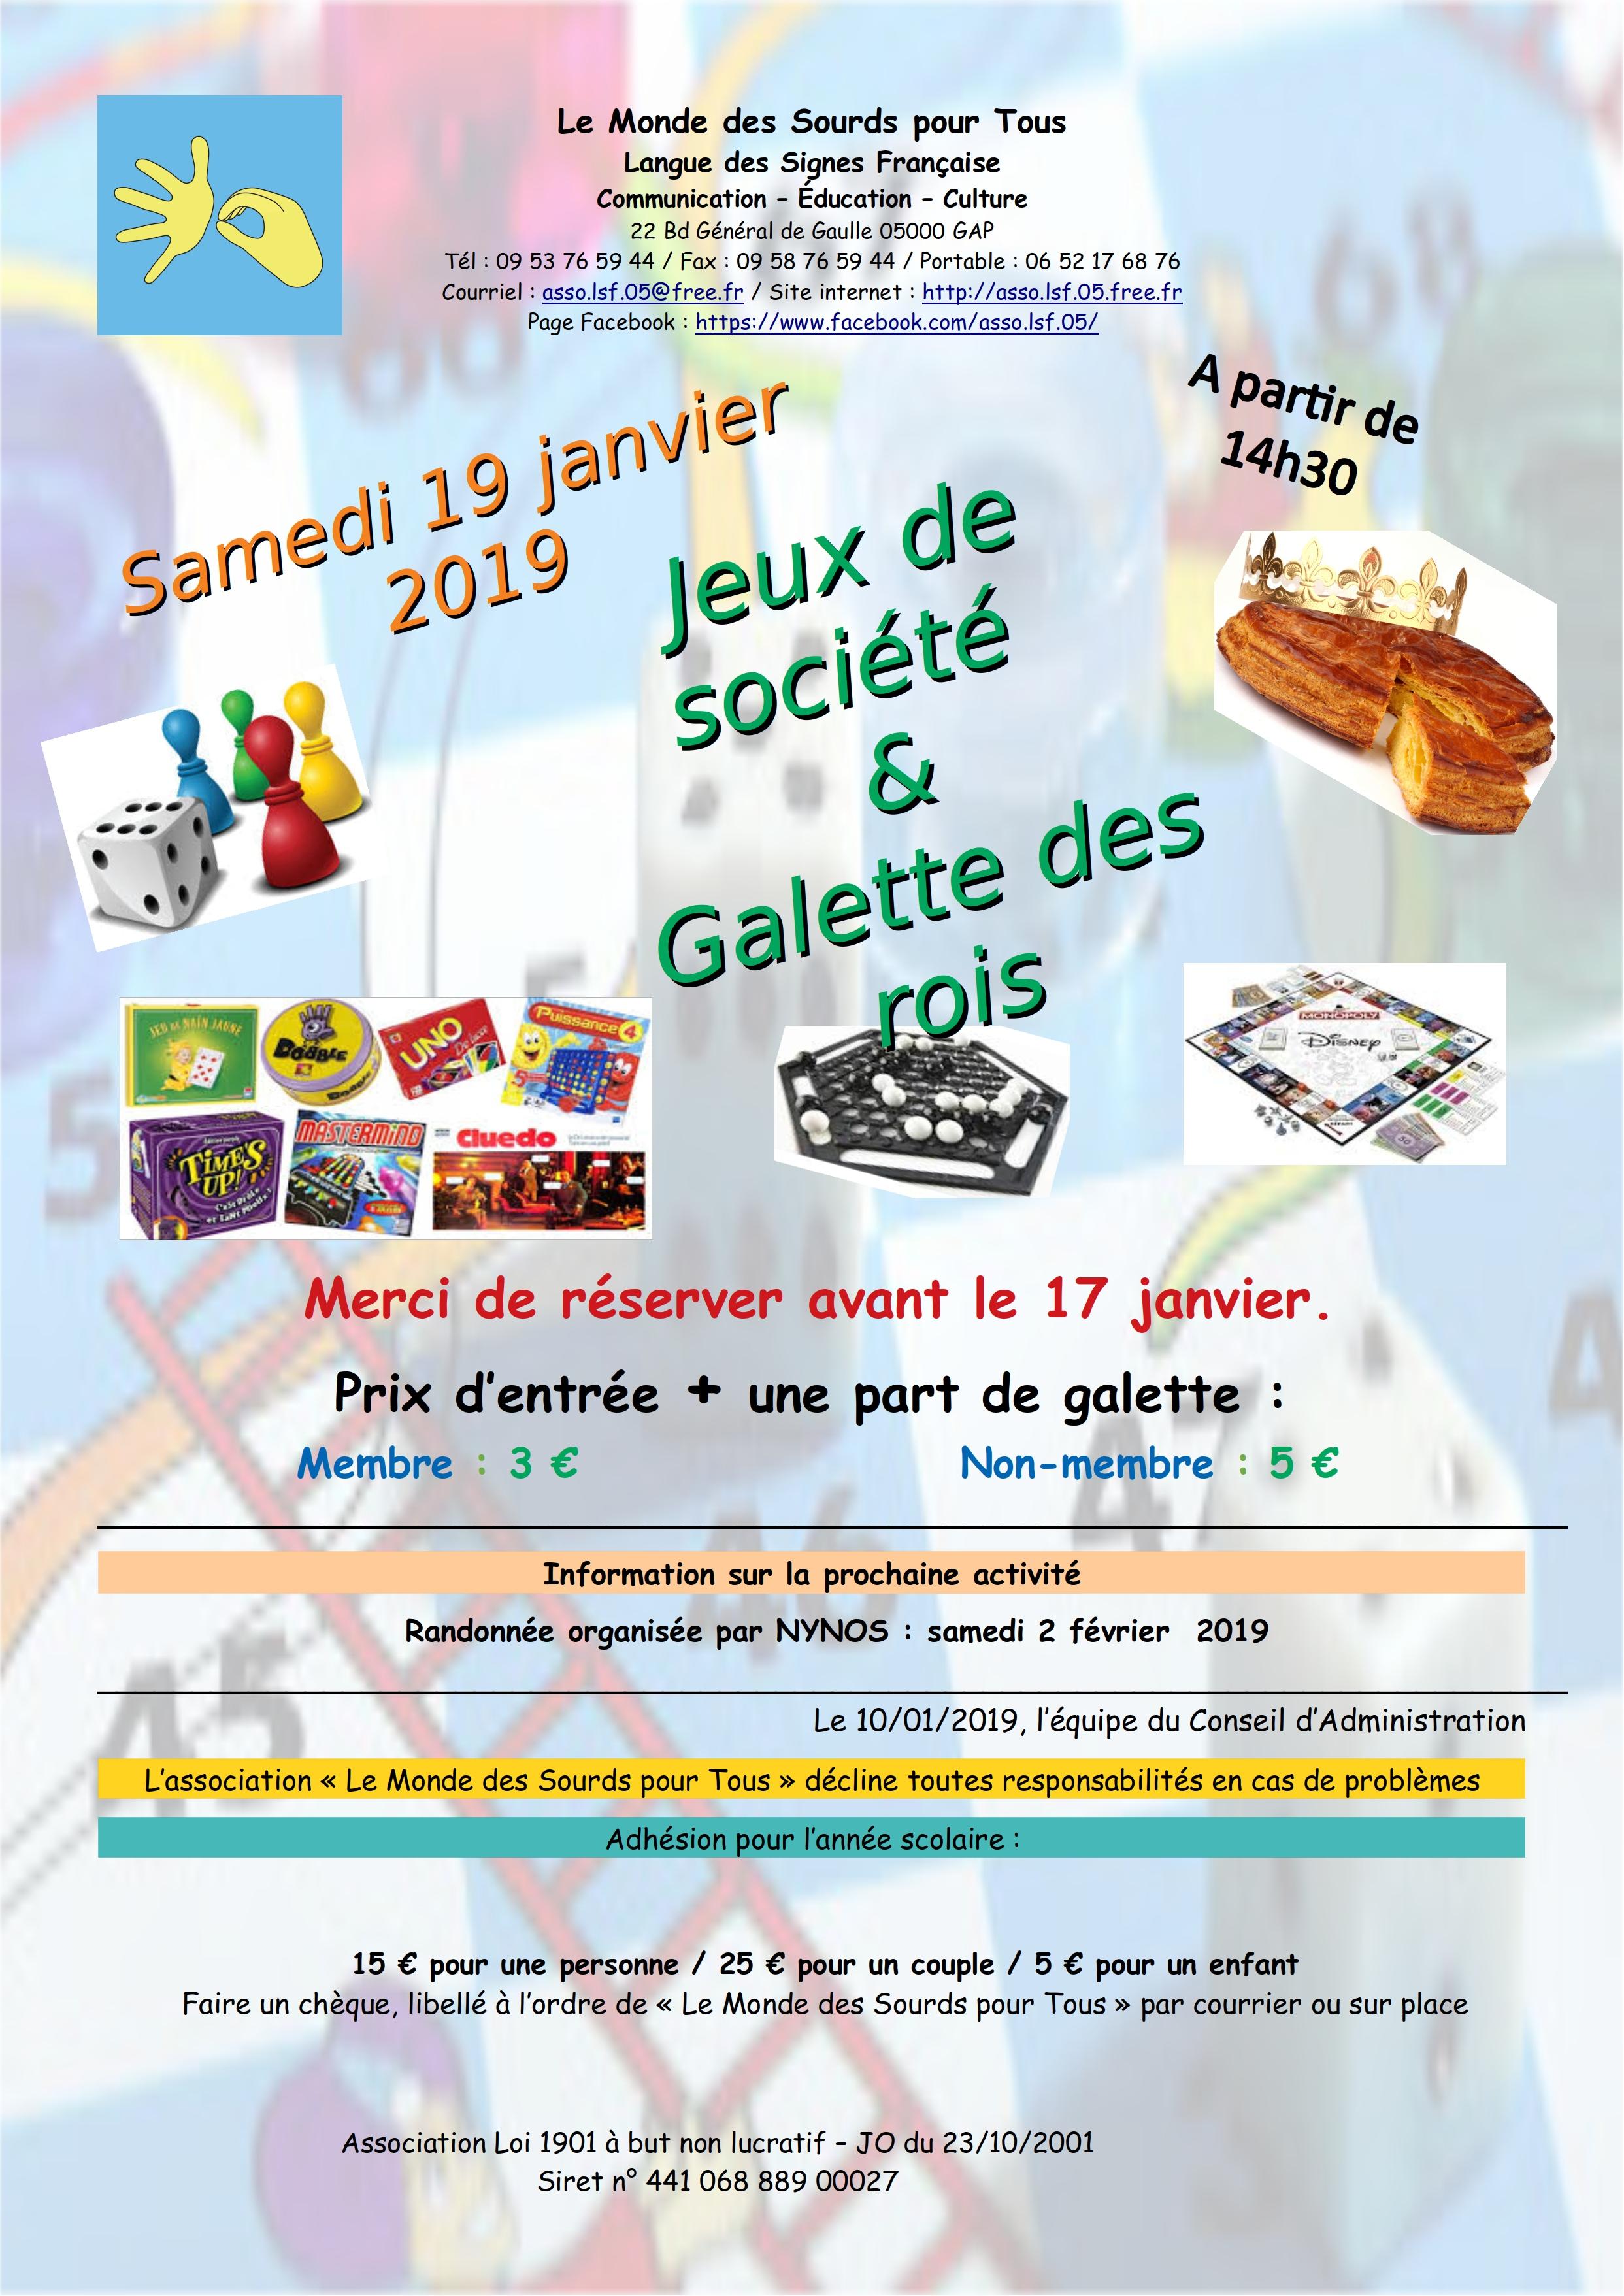 Affiche Jeux de société et Galette des Rois le samedi 19 janvier.